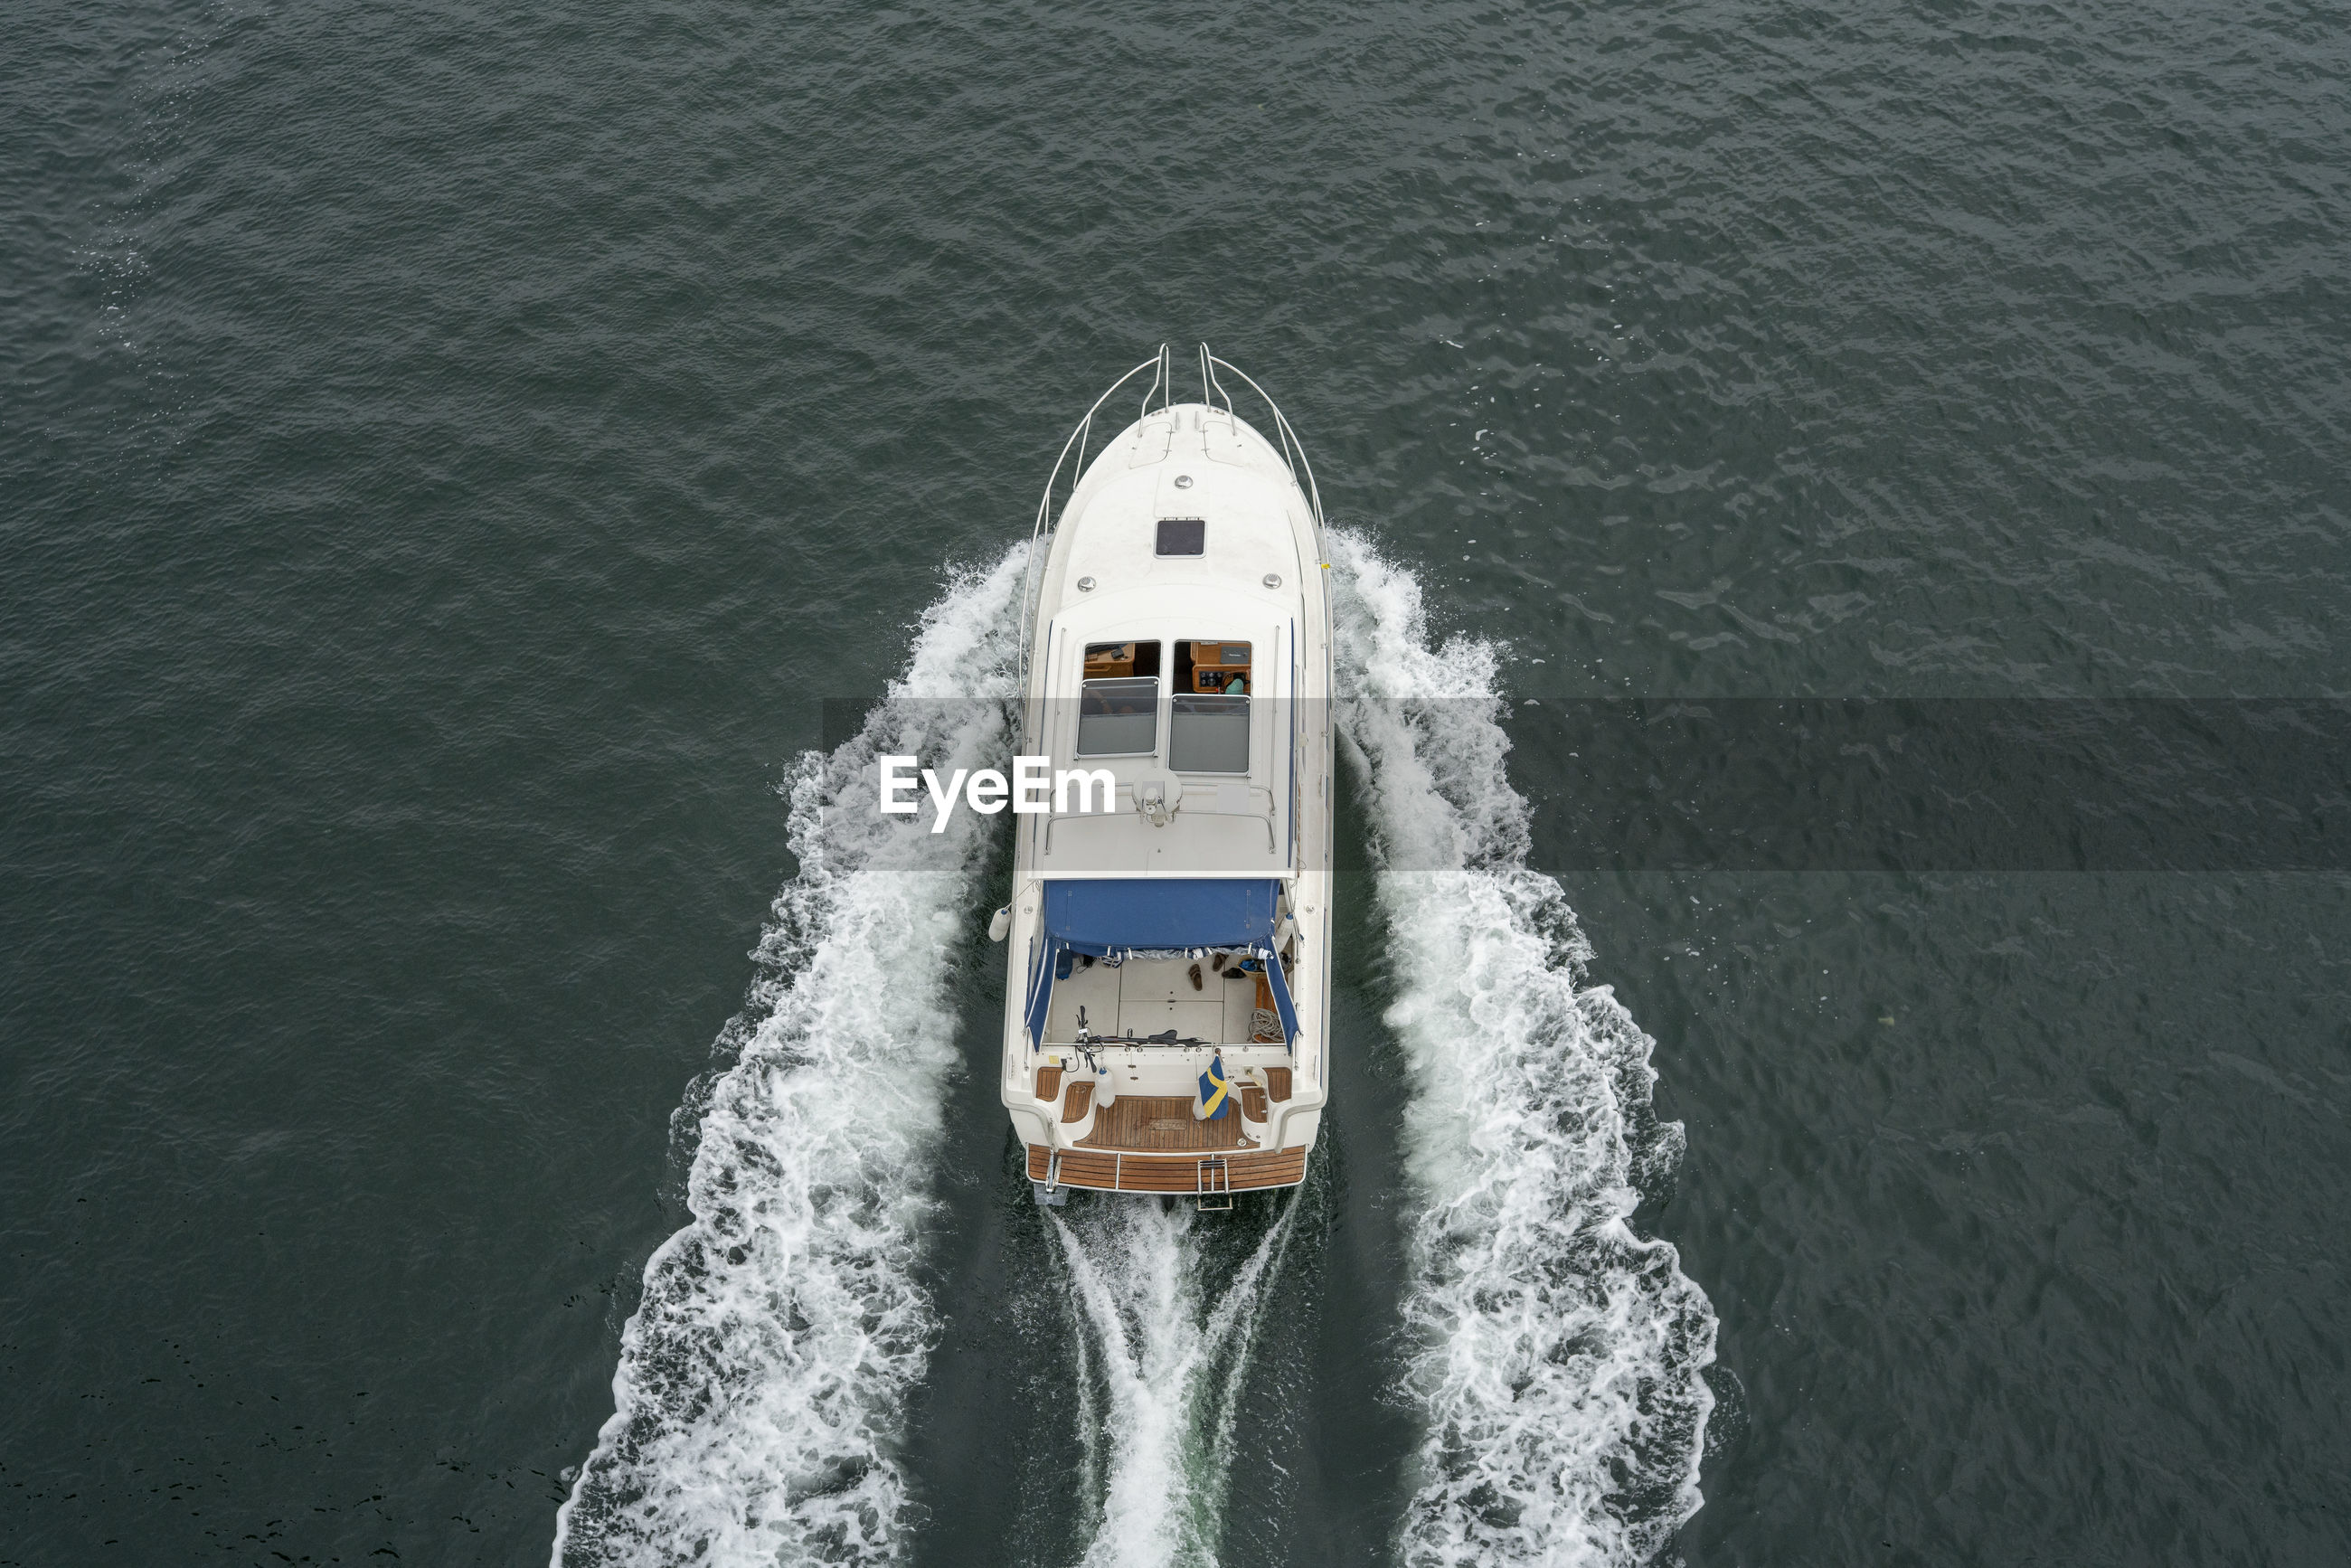 HIGH ANGLE VIEW OF SHIP ON SEA